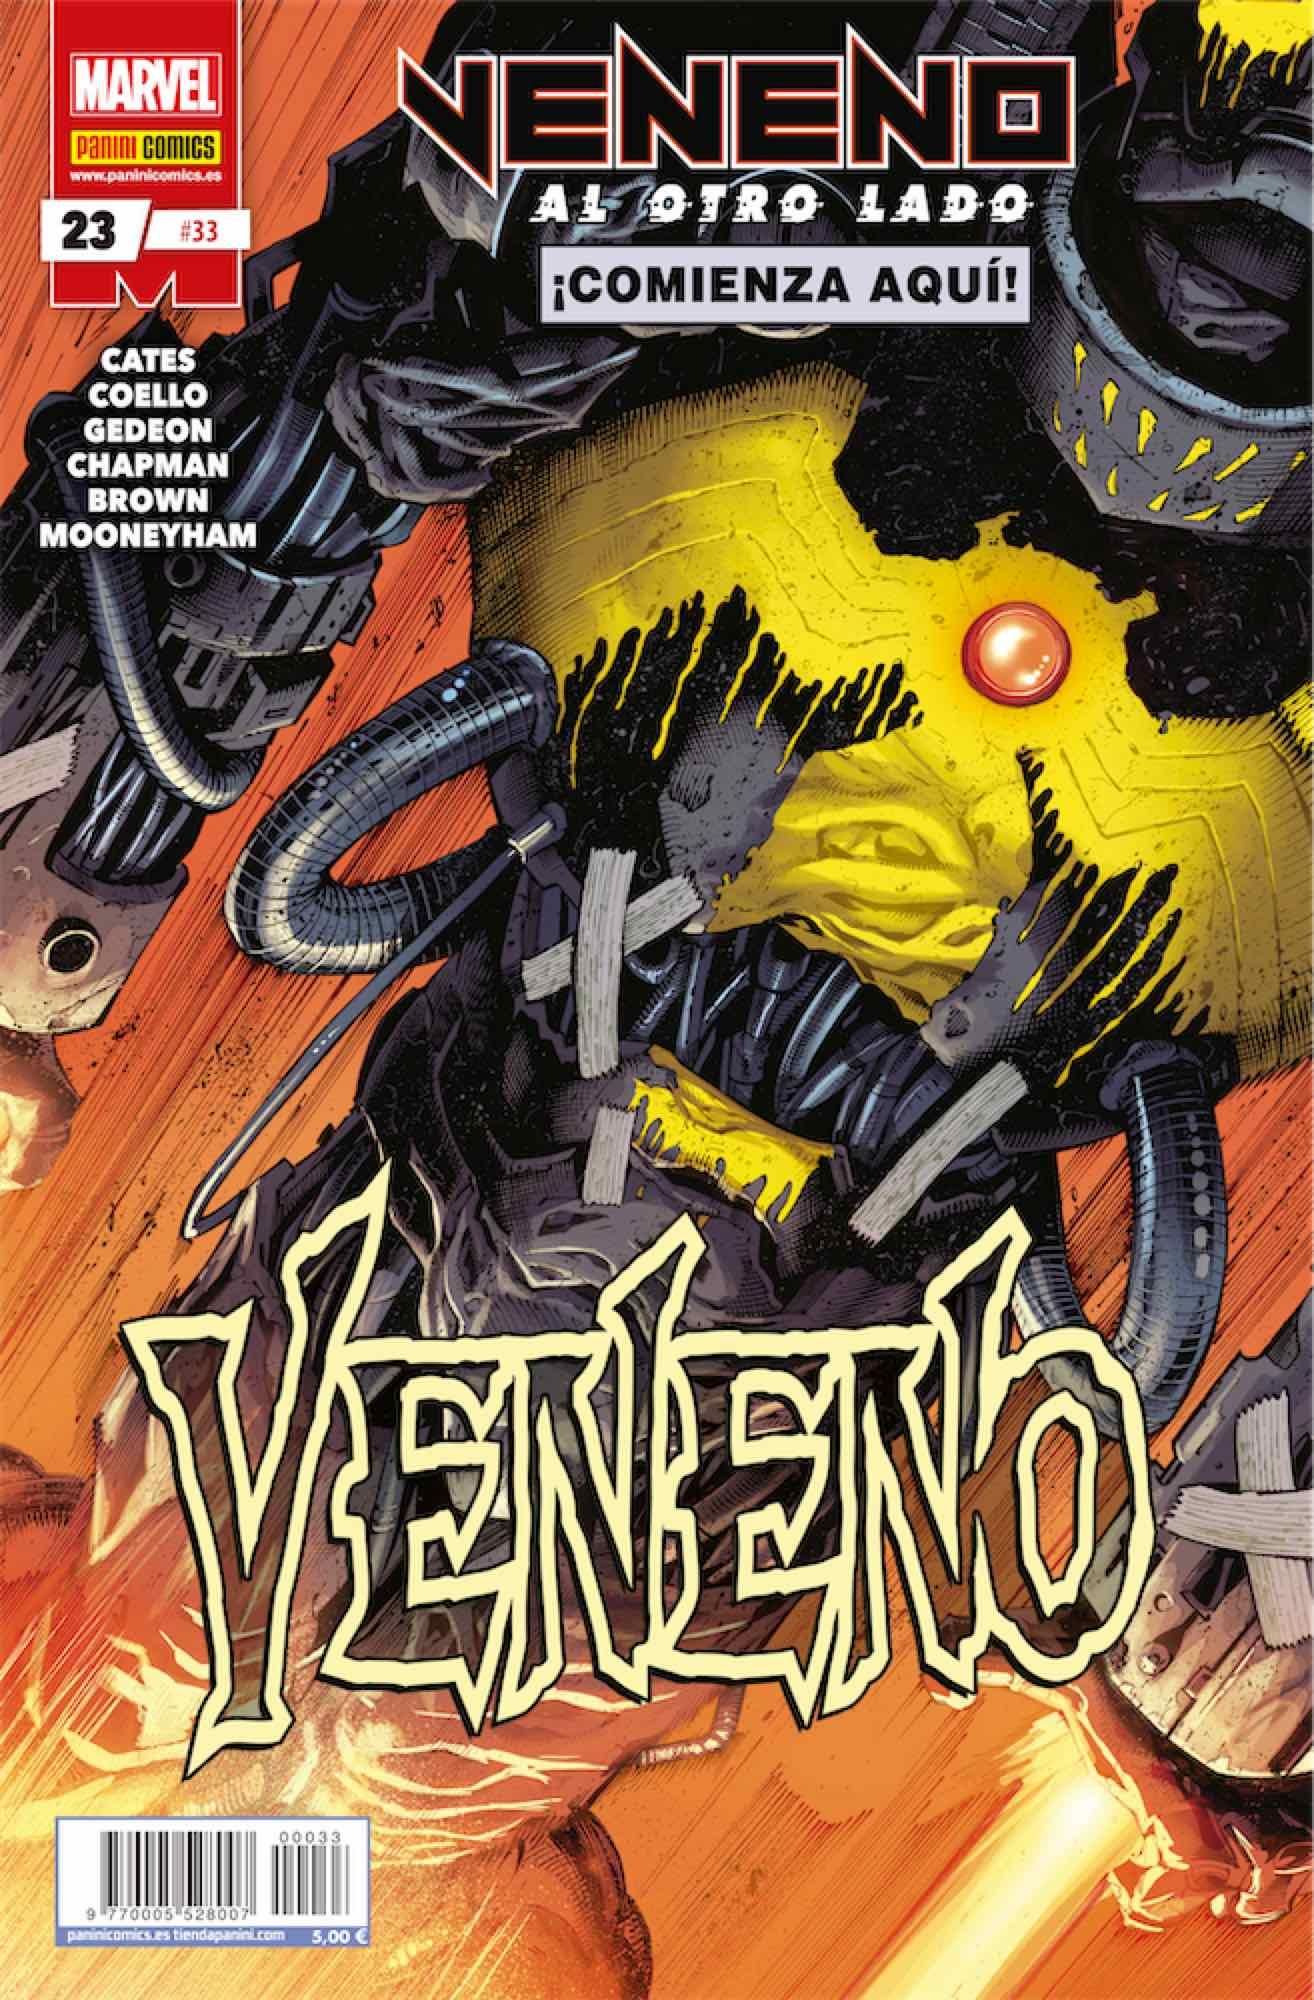 VENENO V2 33 (VENENO # 23)